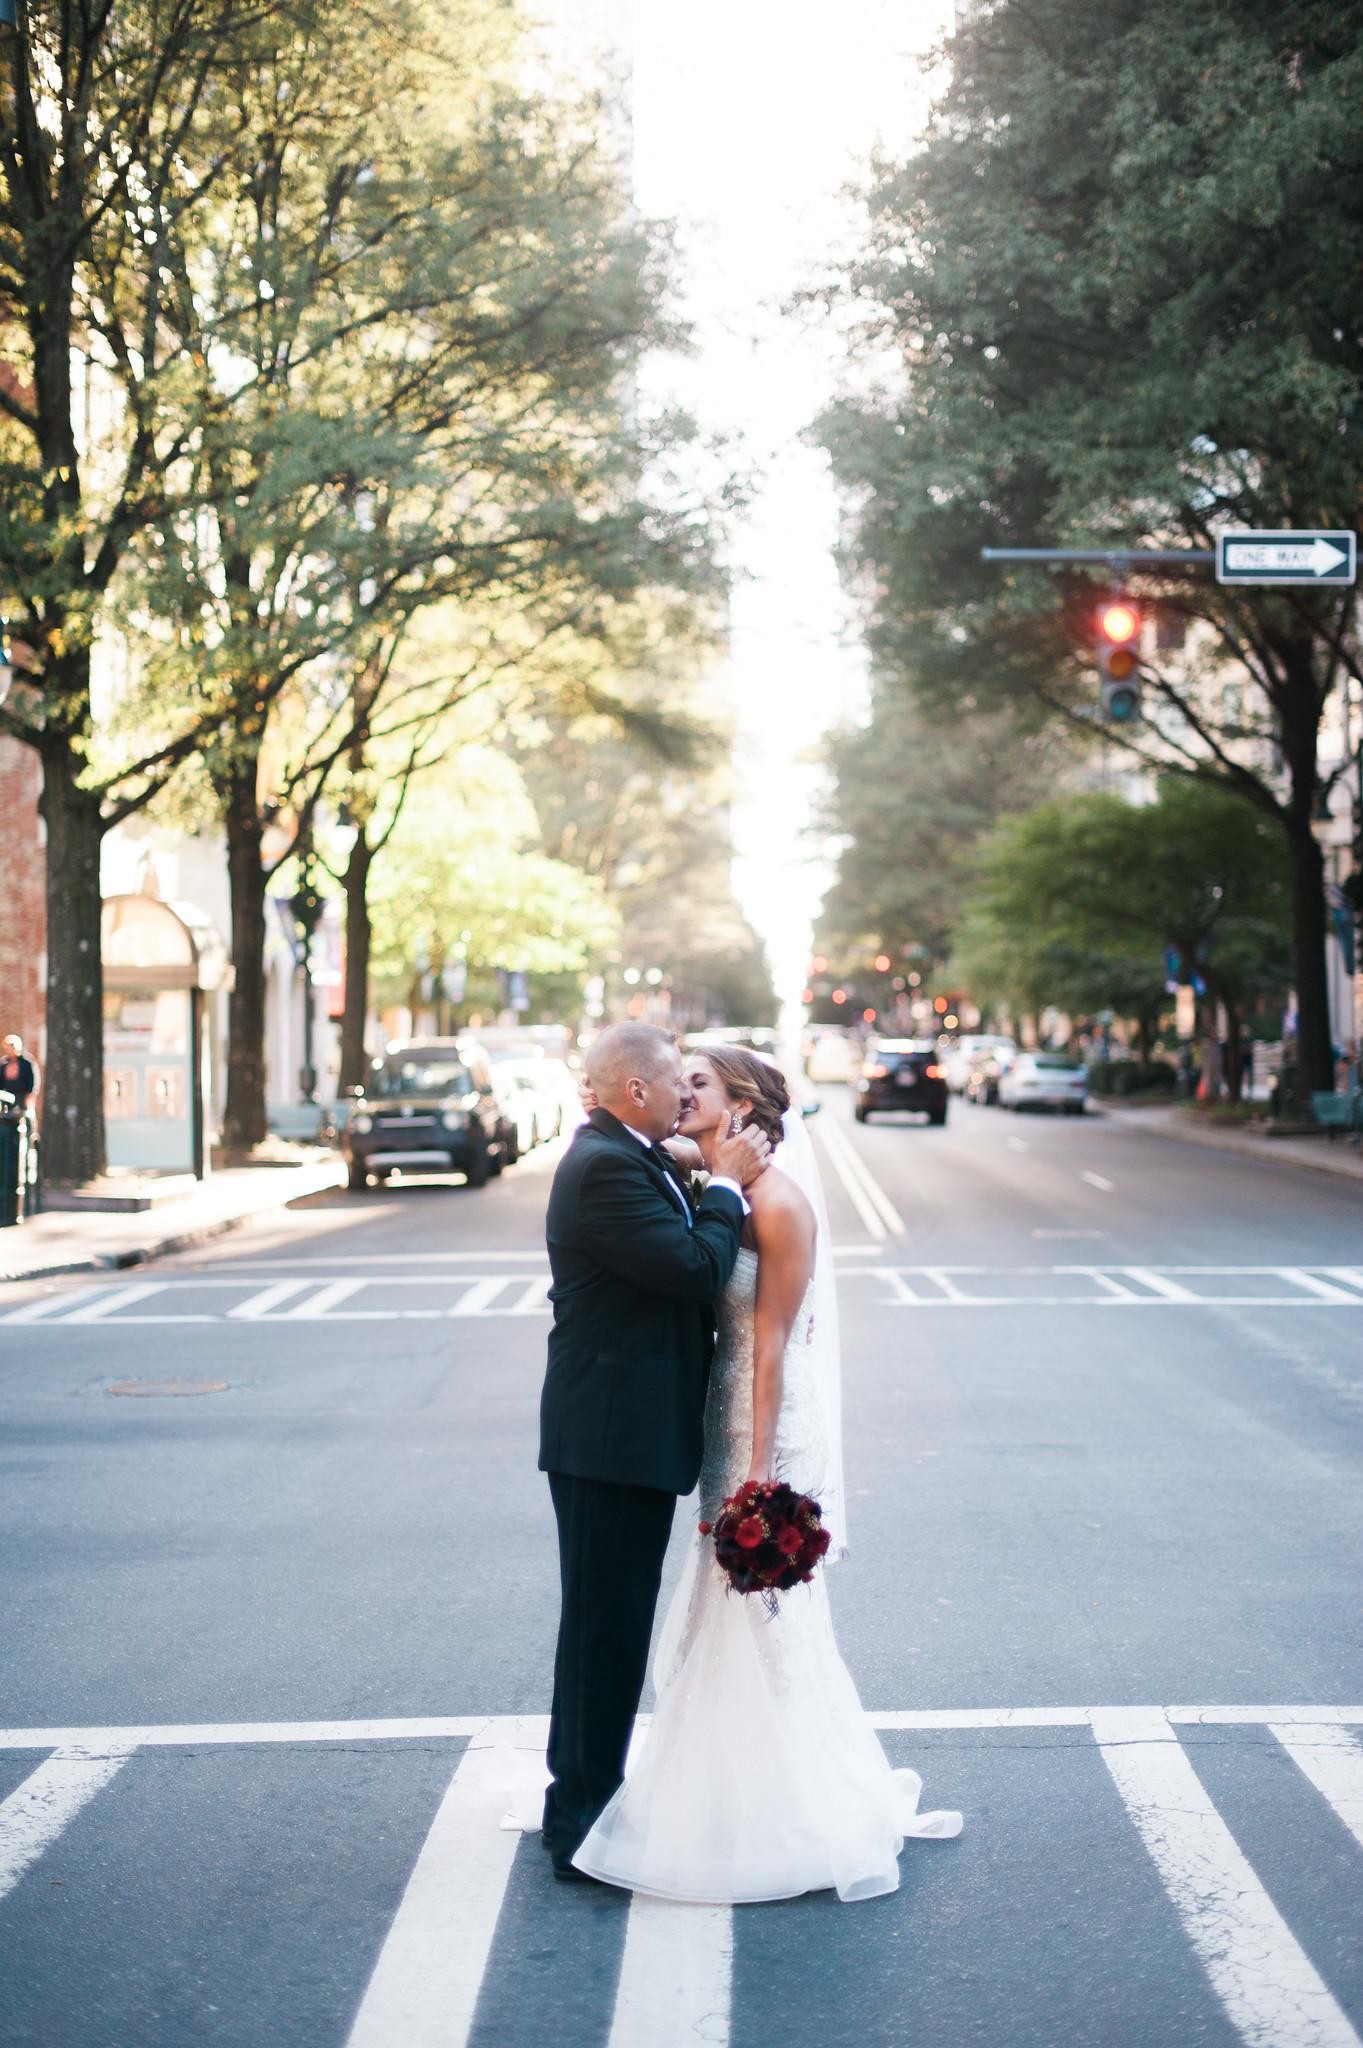 hoke-wedding-270-X4.jpg